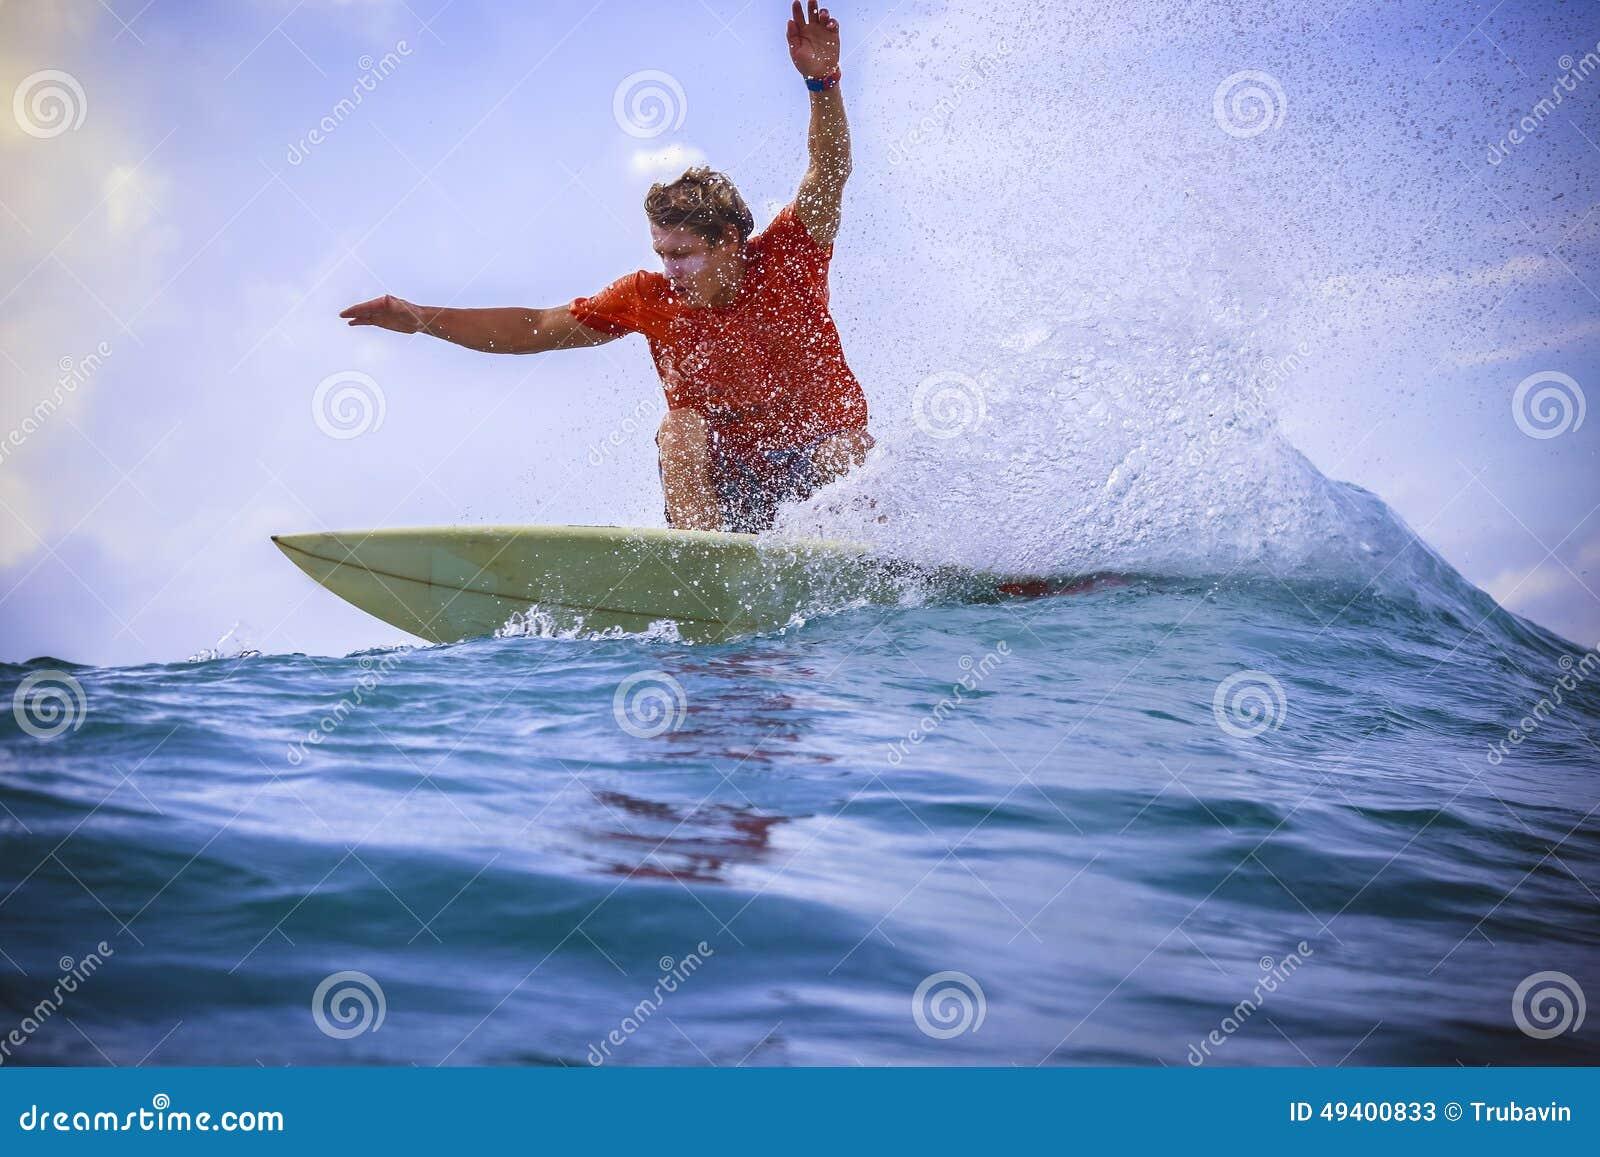 Download Surfer Auf Erstaunlicher Blauer Welle Stockbild - Bild von blau, umdrehung: 49400833